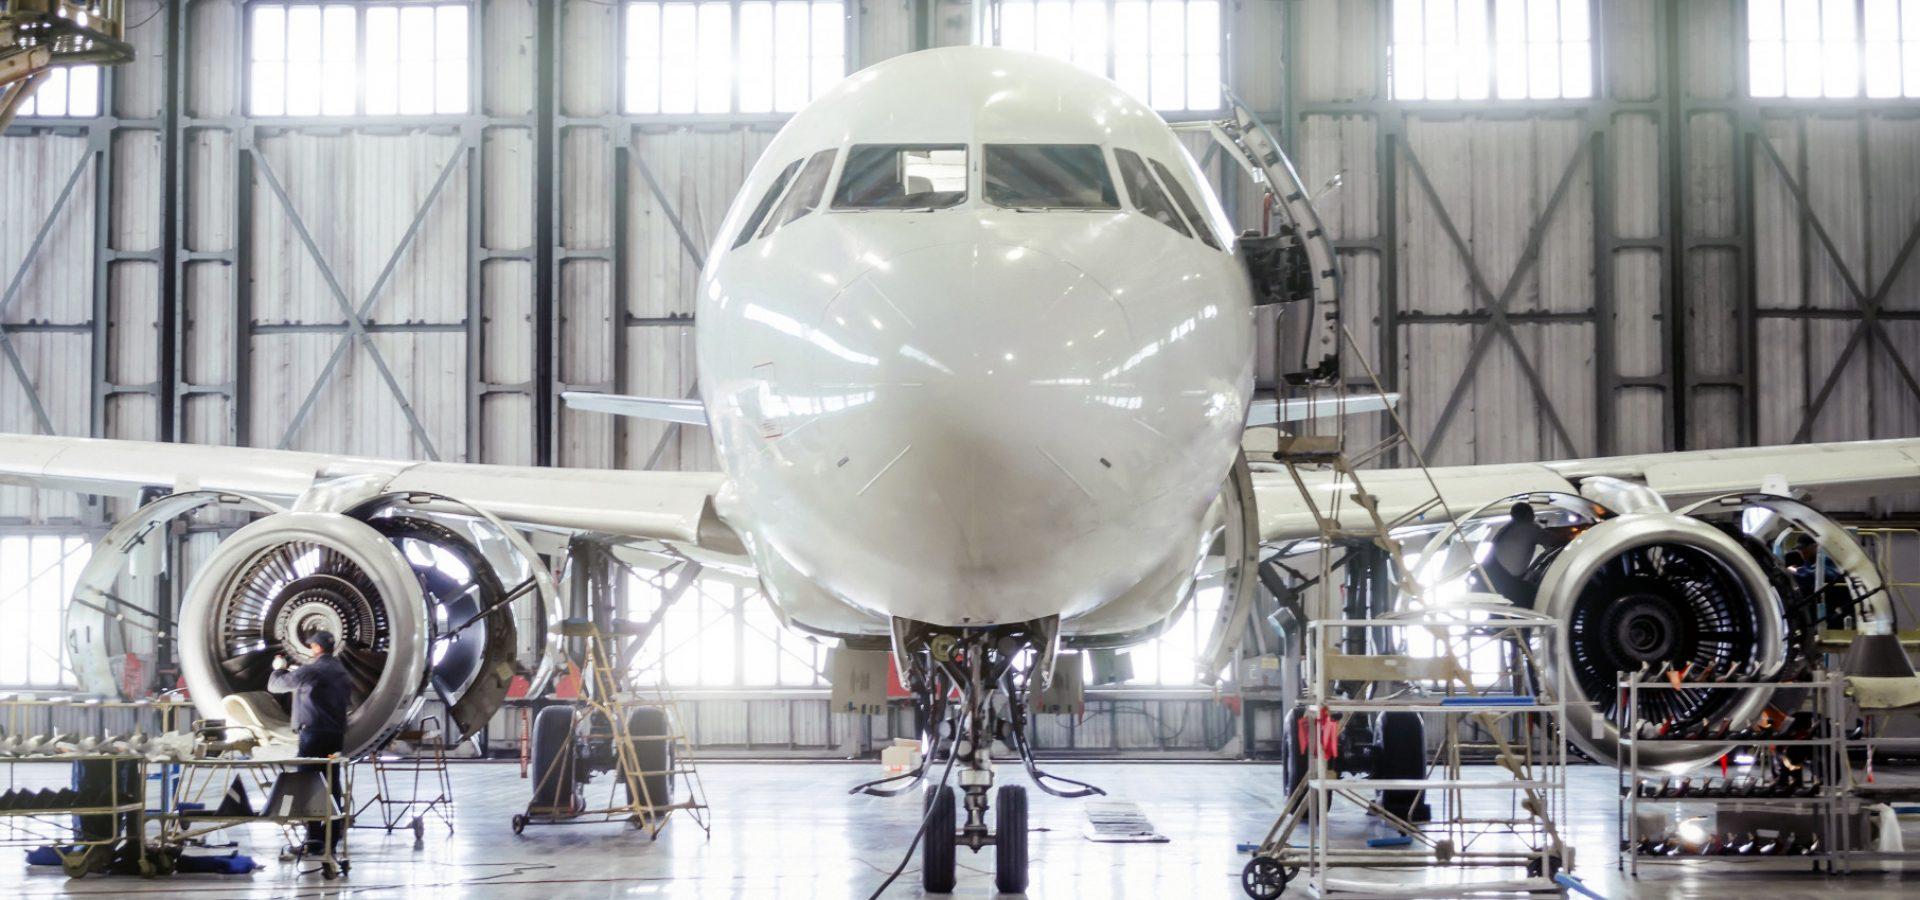 CAM Airline